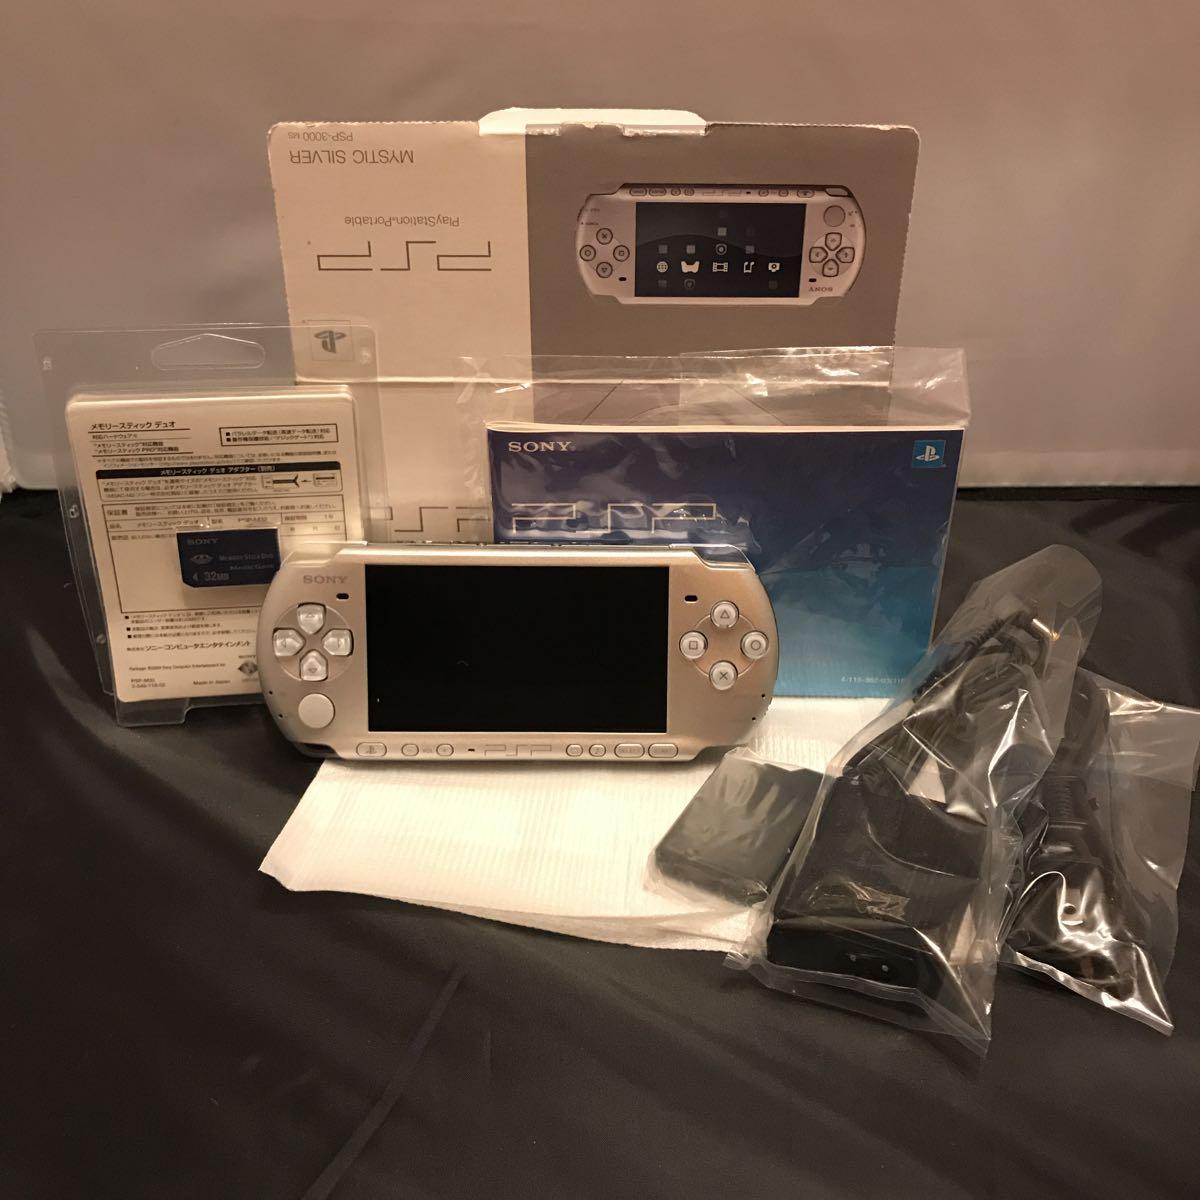 美品 PSP 3000 本体 ミスティックシルバー メモリースティック 32MB 付き SONY